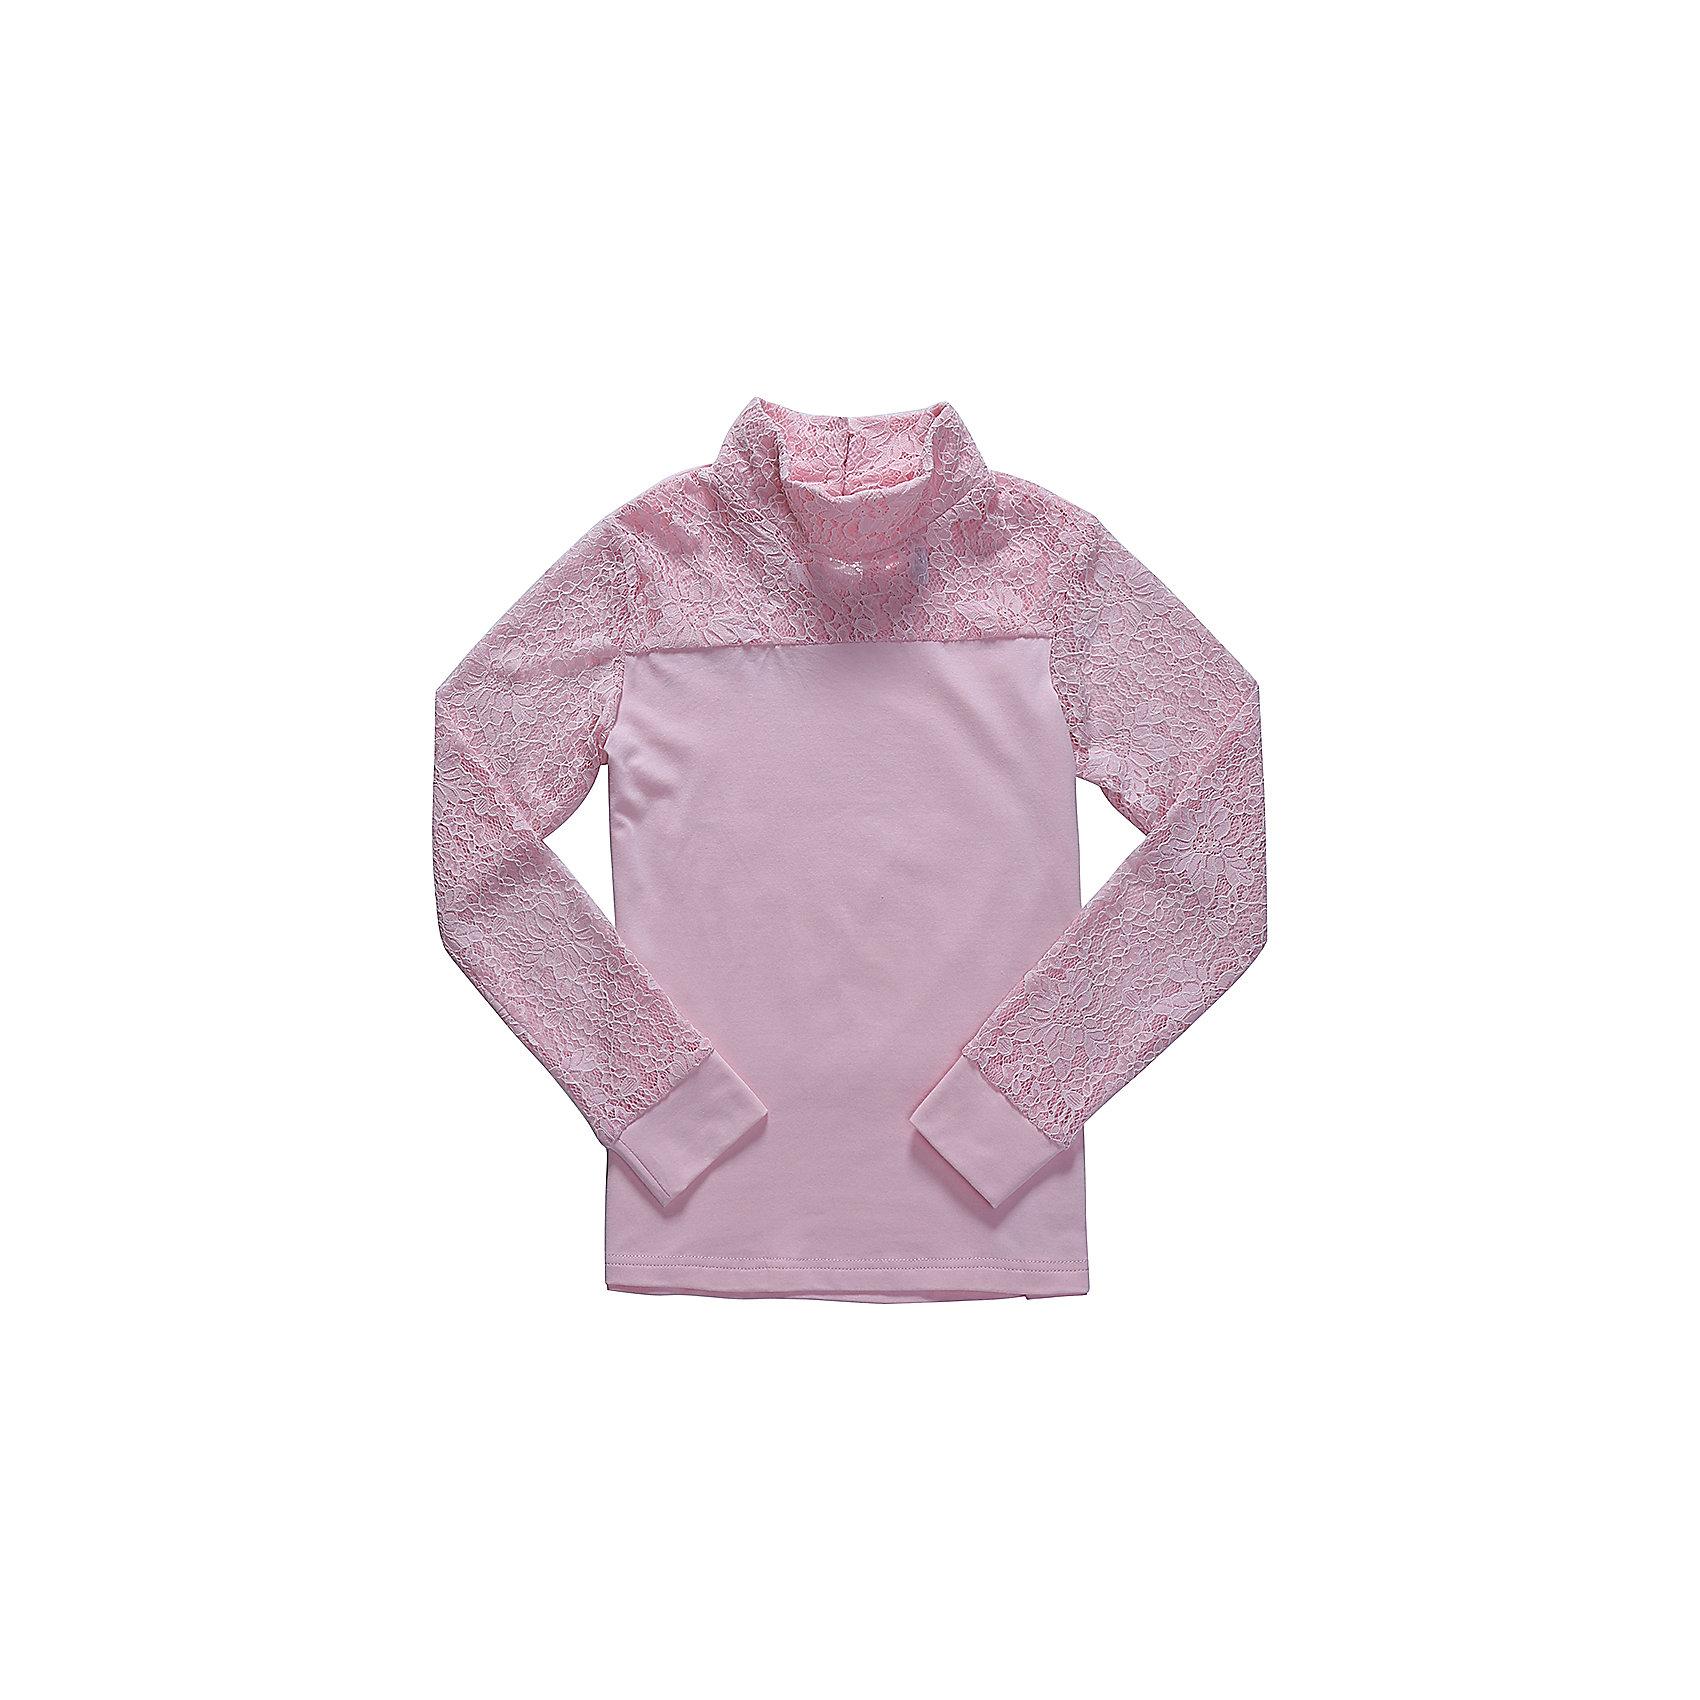 Блузка для девочки LuminosoБлузки и рубашки<br>Характеристики товара:<br><br>• цвет: розовый;<br>• состав: 95% хлопок, 5% эластан;<br>• сезон: демисезон;<br>• особенности: школьная, с кружевом;<br>• застежка: пуговицы на спинке;<br>• с длинным рукавом;<br>• воротник-стойка;<br>• рукава из эластичного кружева с мягким манжетом;<br>• страна бренда: Россия;<br>• страна производства: Китай.<br><br>Школьная блузка с длинным рукавом для девочки. Розовая блузка застегивается на пуговицы сзади. Воротник-стойка и кокетка декорированы контрастным кружевом белого цвета. Трикотажная блузка с длинным рукавом из эластичного кружева с мягким манжетом.<br><br>Блузка для девочки Luminoso (Люминосо) можно купить в нашем интернет-магазине.<br><br>Ширина мм: 186<br>Глубина мм: 87<br>Высота мм: 198<br>Вес г: 197<br>Цвет: розовый<br>Возраст от месяцев: 96<br>Возраст до месяцев: 108<br>Пол: Женский<br>Возраст: Детский<br>Размер: 134,164,122,128,140,146,152,158<br>SKU: 6673121